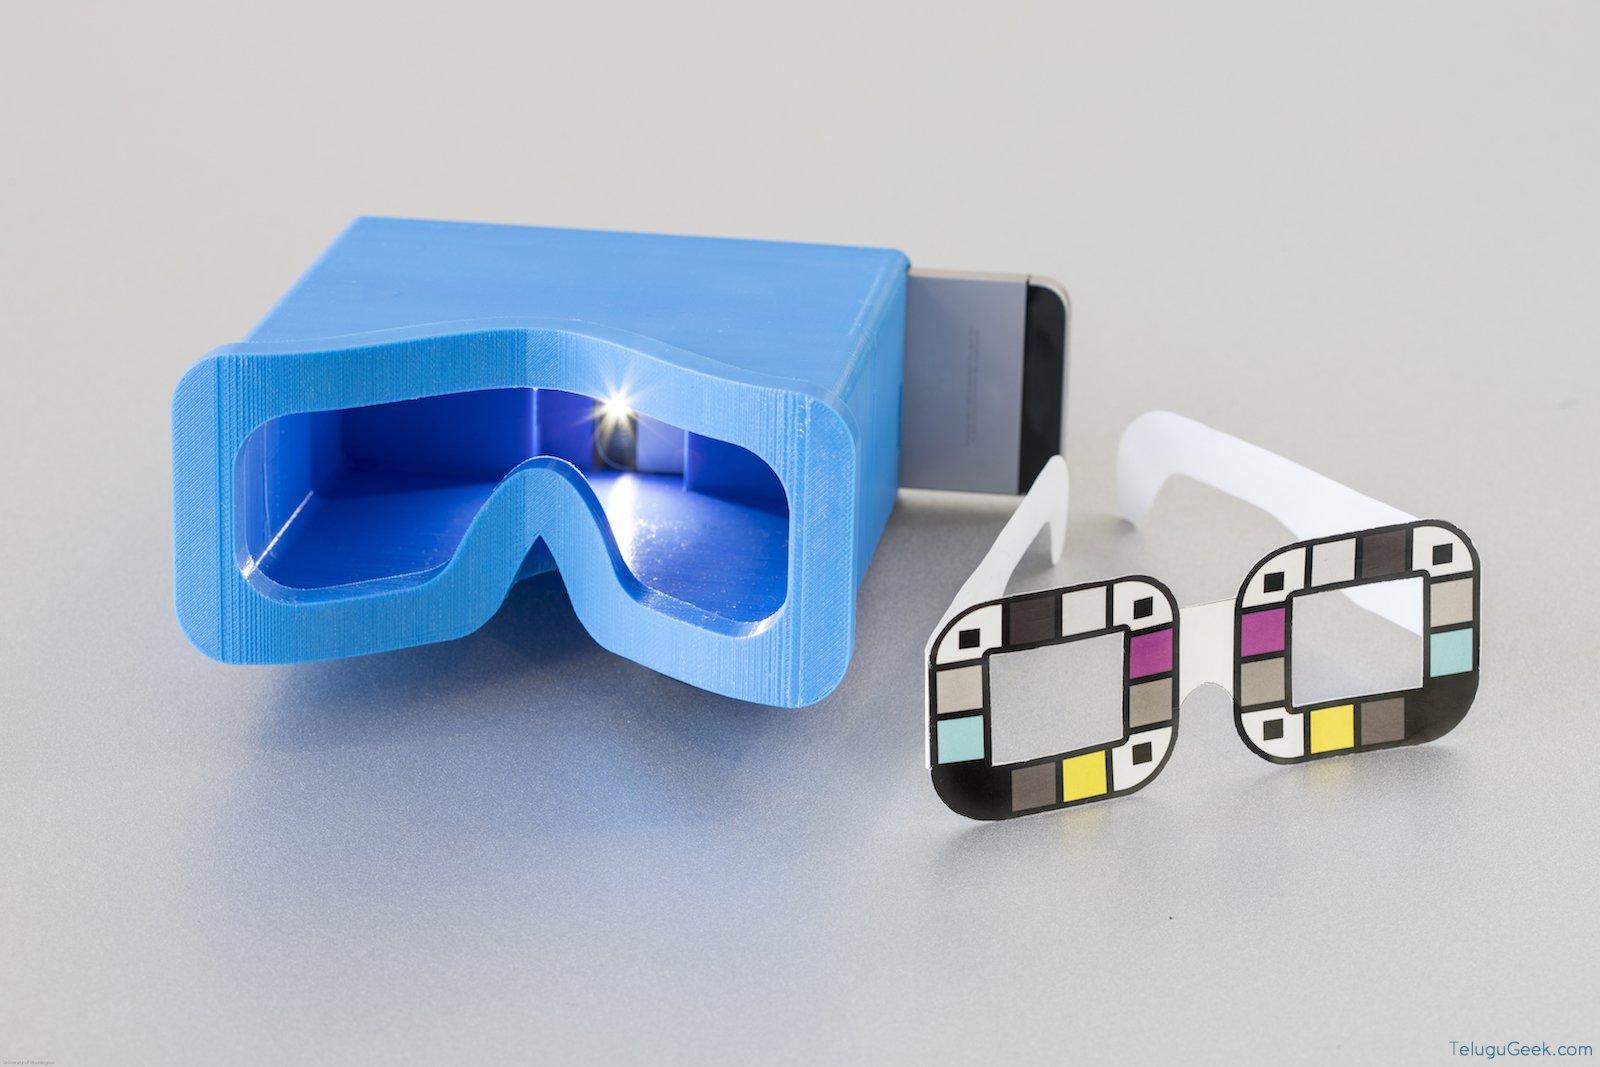 Biliscreen: ఒక్క సెల్ఫీ తో పాంక్రియాస్ కాన్సర్ ను గుర్తించవచ్చు